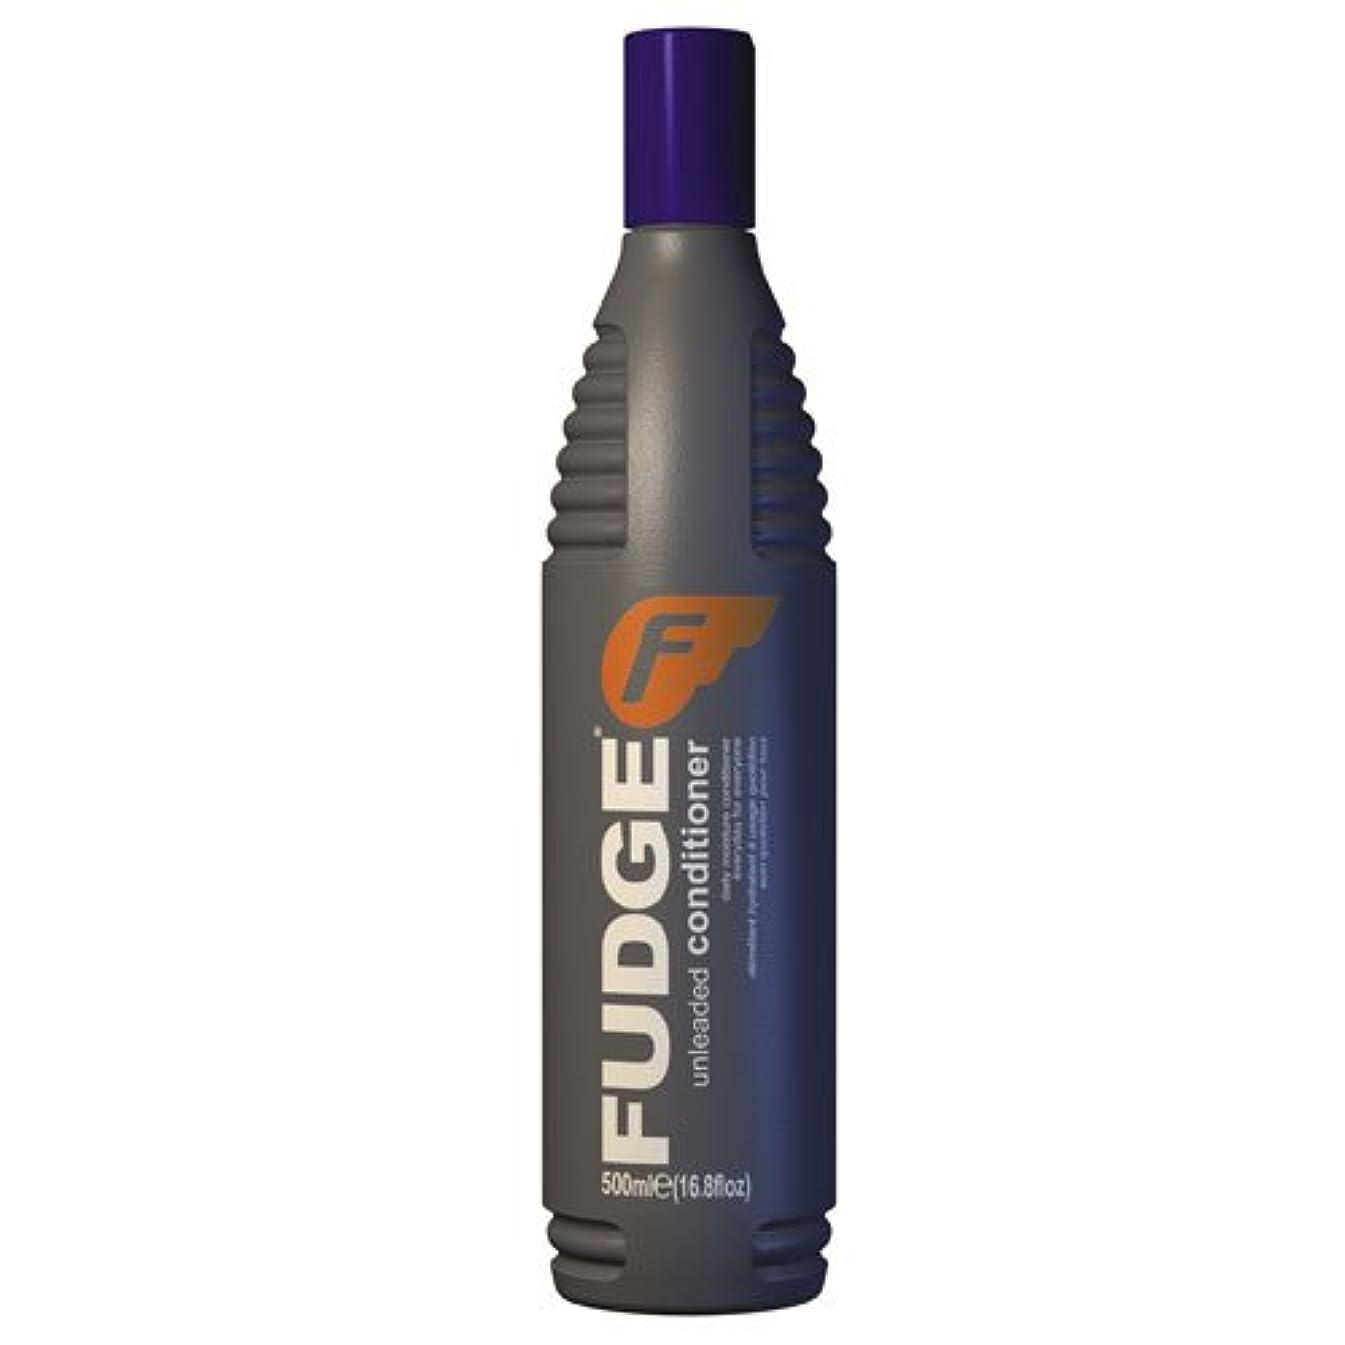 リハーサルどちらかオープニングFudge 無鉛コンディショナー16.8オンス